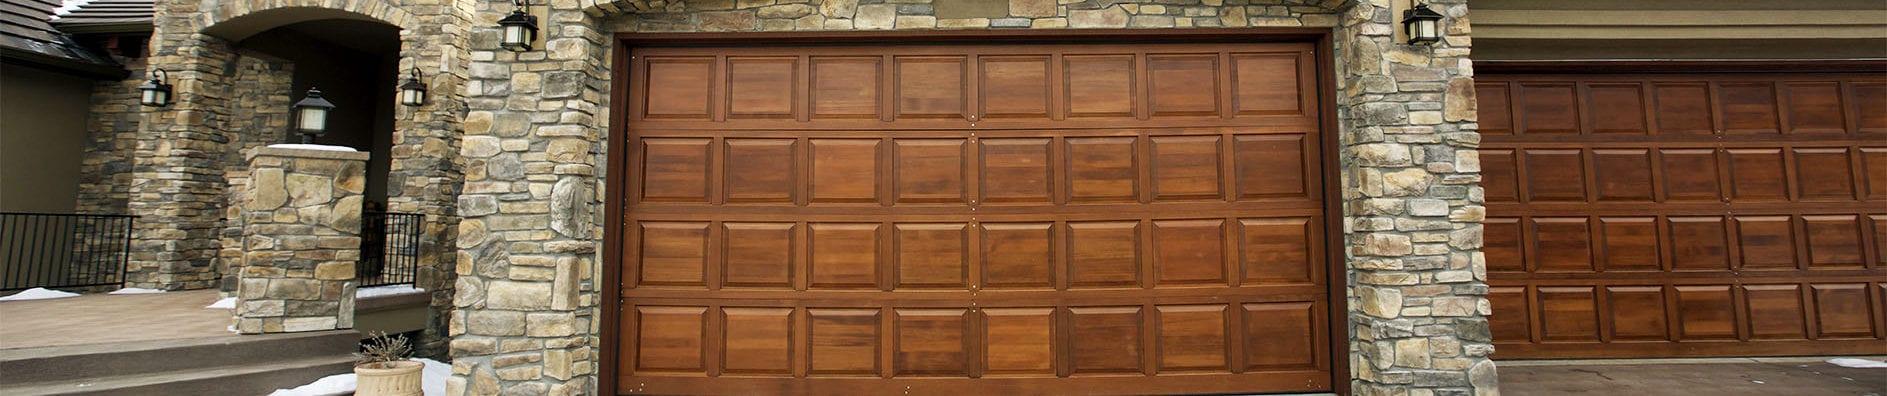 Wood Garage Door San Antonio Helotes Overhead Doors